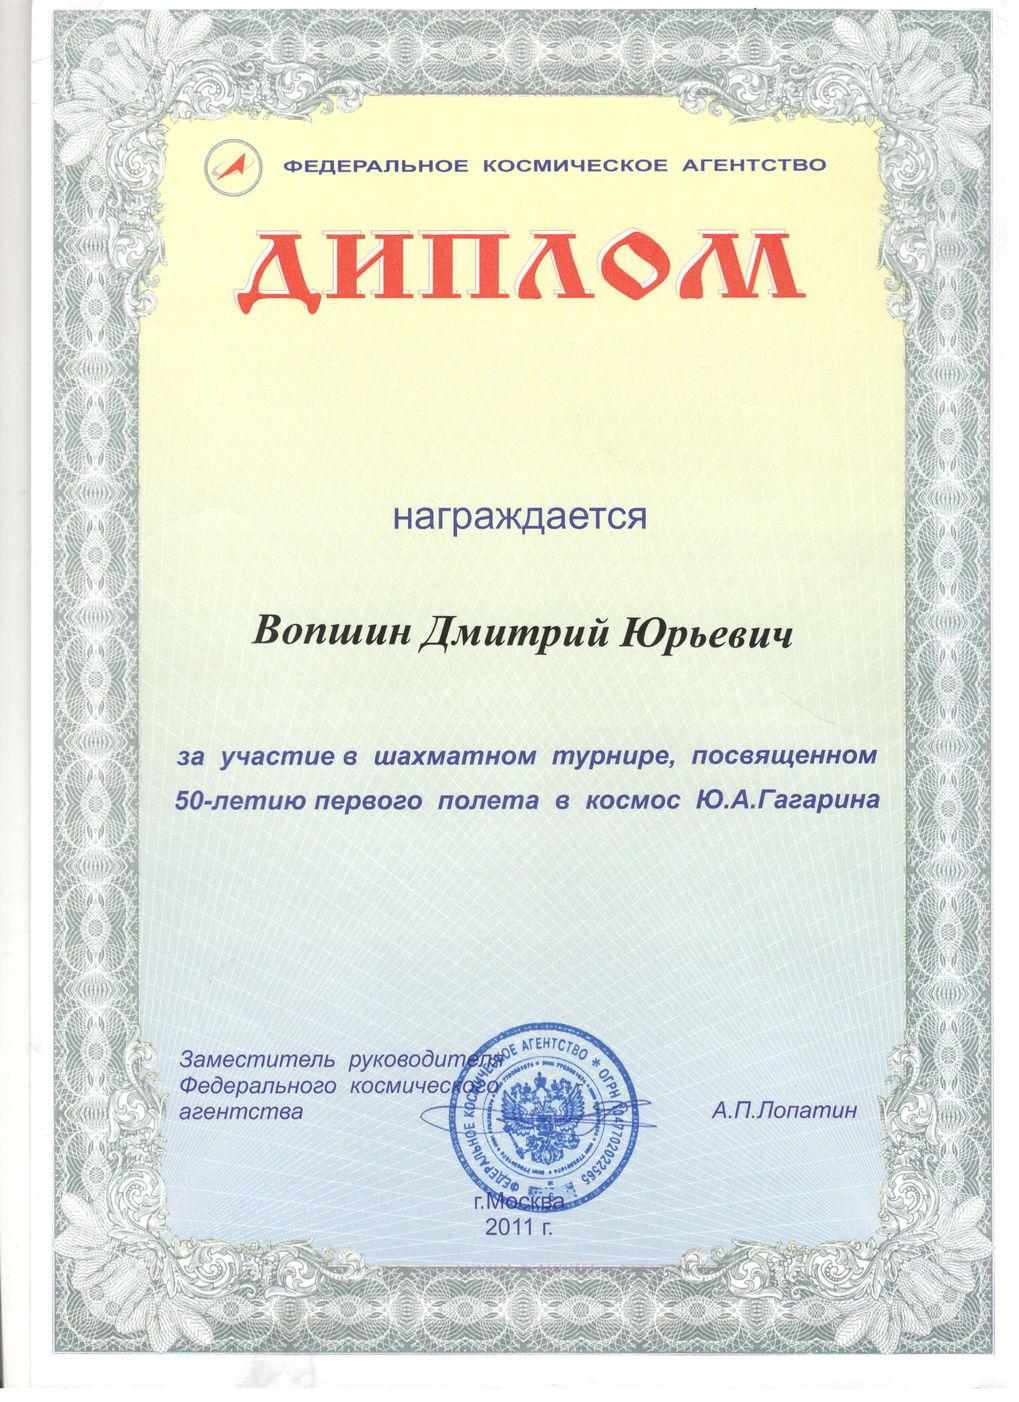 Участие в шахматном турнире (2011 г.)